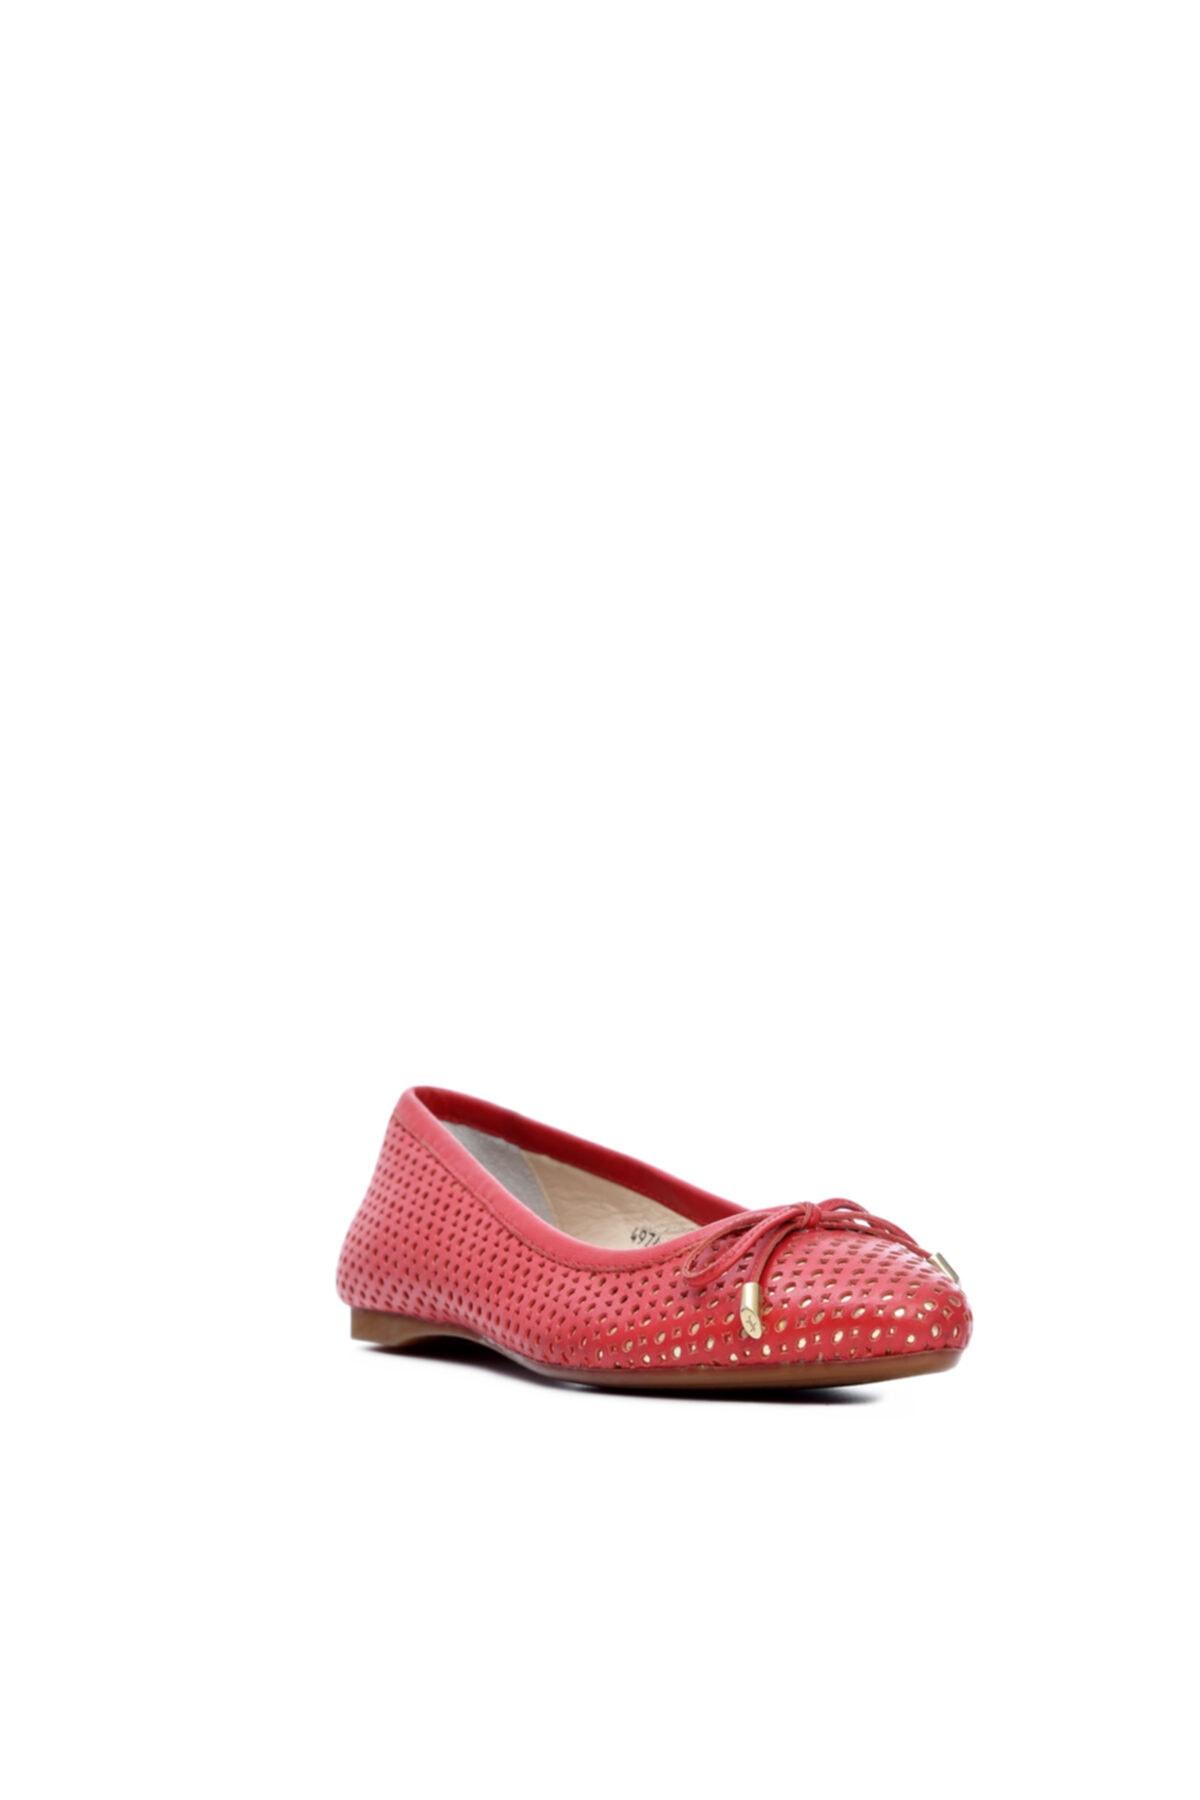 KEMAL TANCA Kadın Derı Babet Ayakkabı 484 Z-4974 Byn Ayk 2